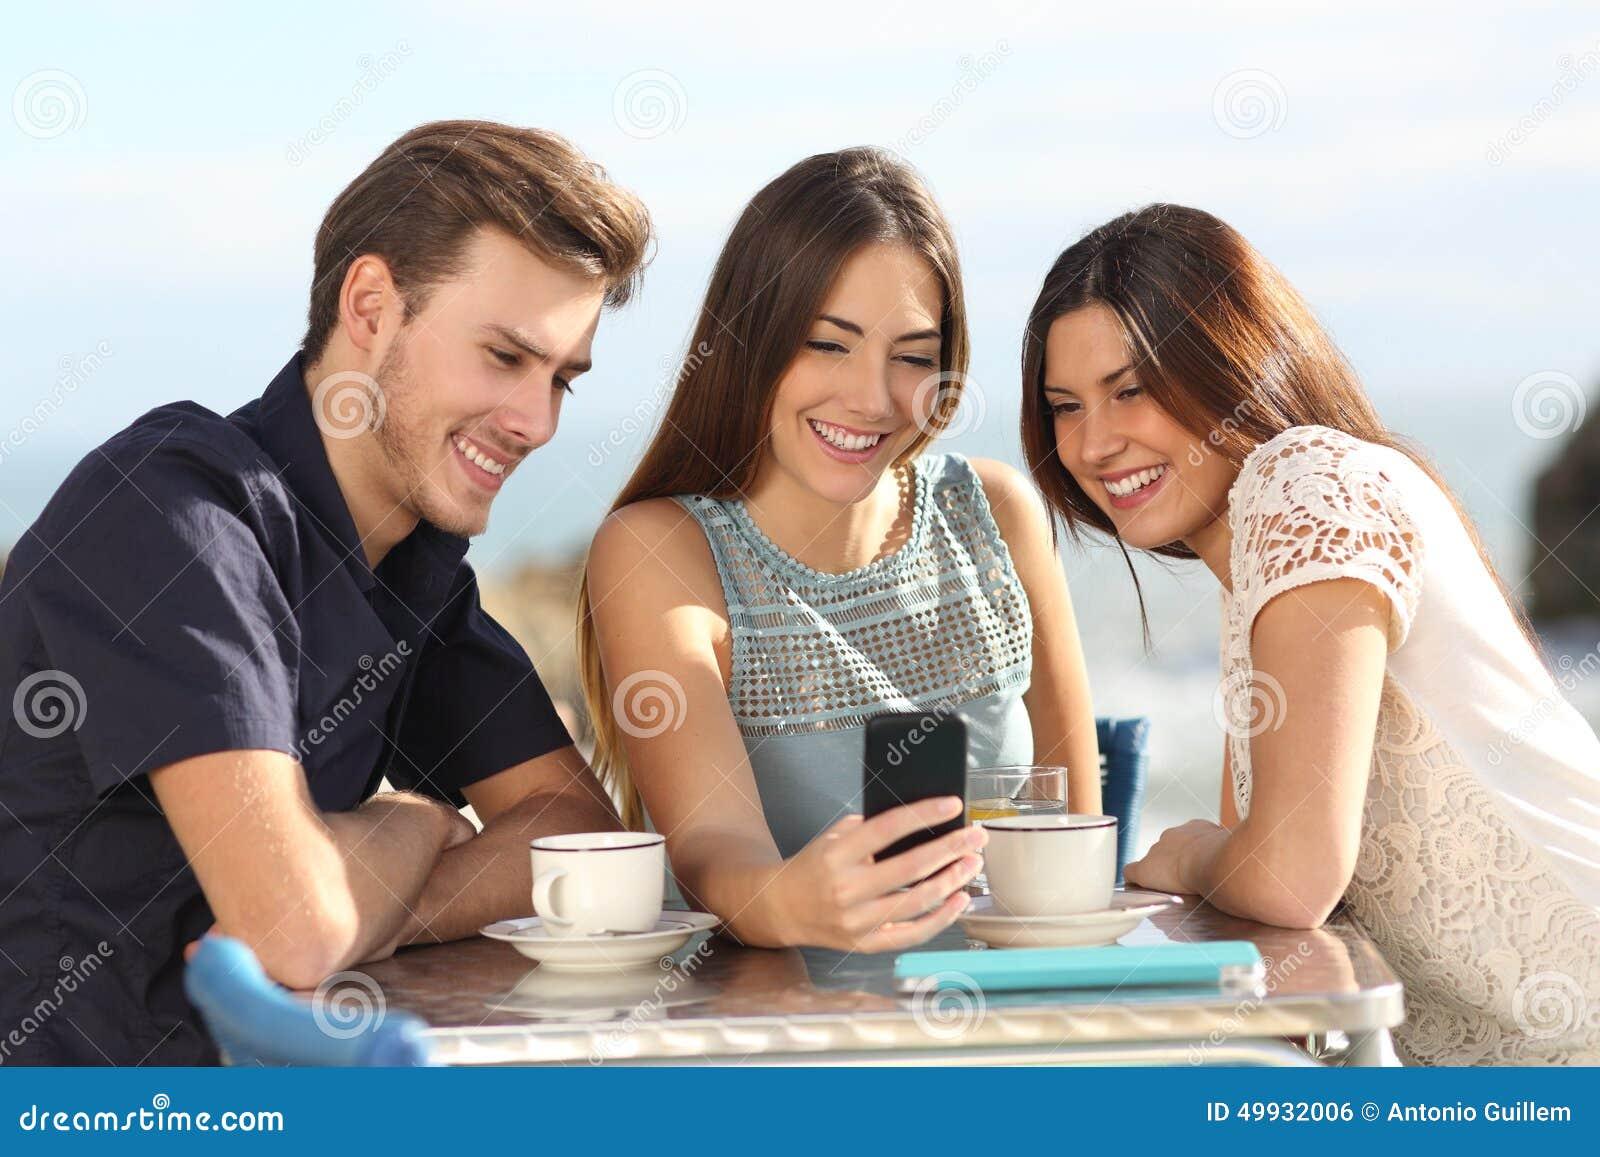 Grupo de amigos que olham meios sociais em um telefone esperto